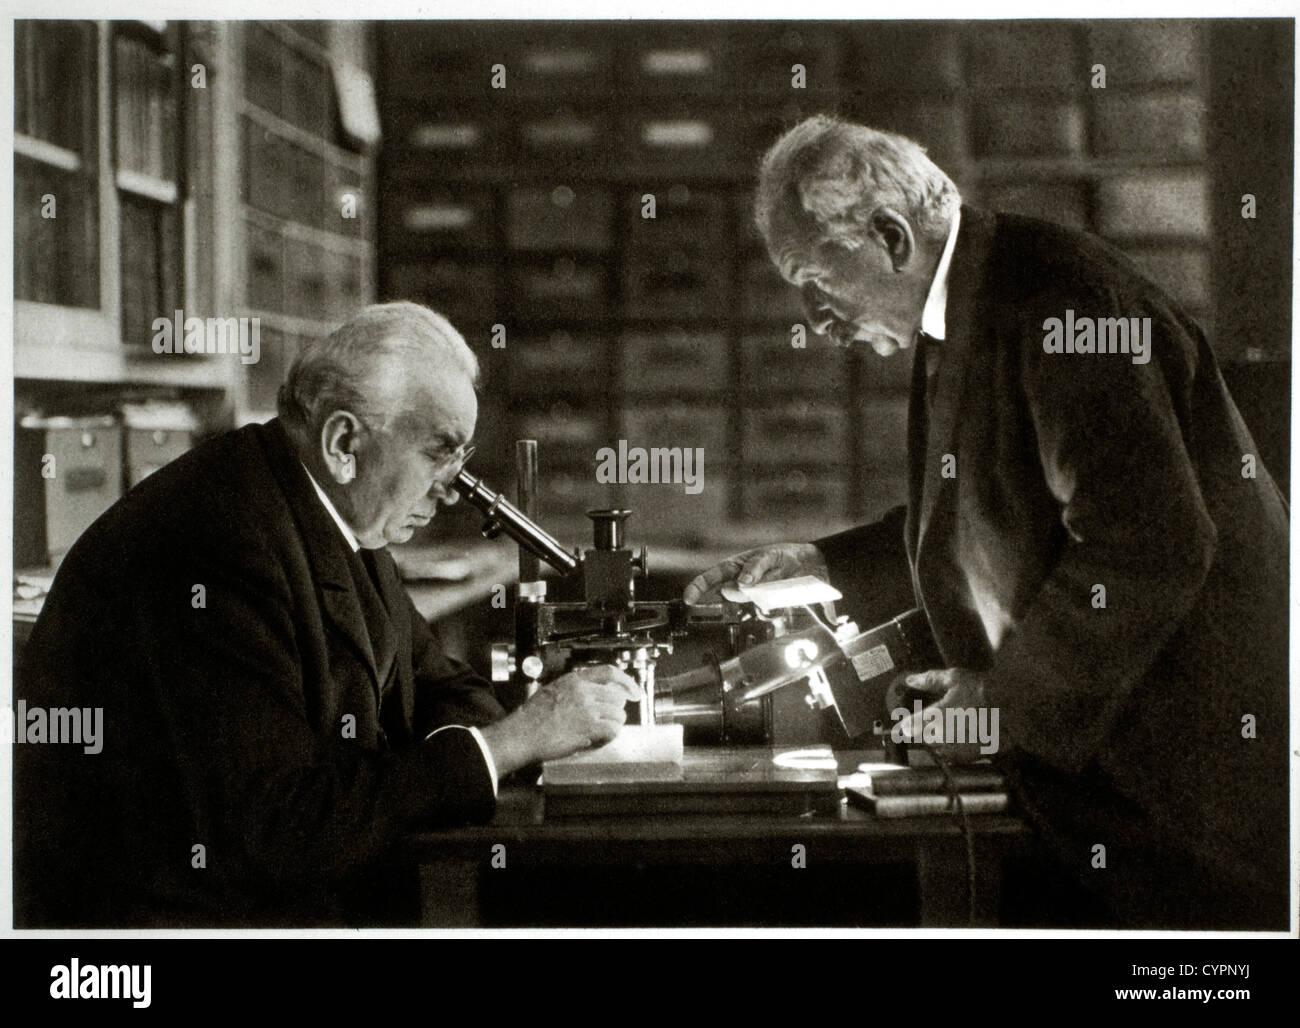 Jean Louis (1864-1948) et Auguste (1862-1954), les inventeurs de la lumiere Cinematographe Photo Stock